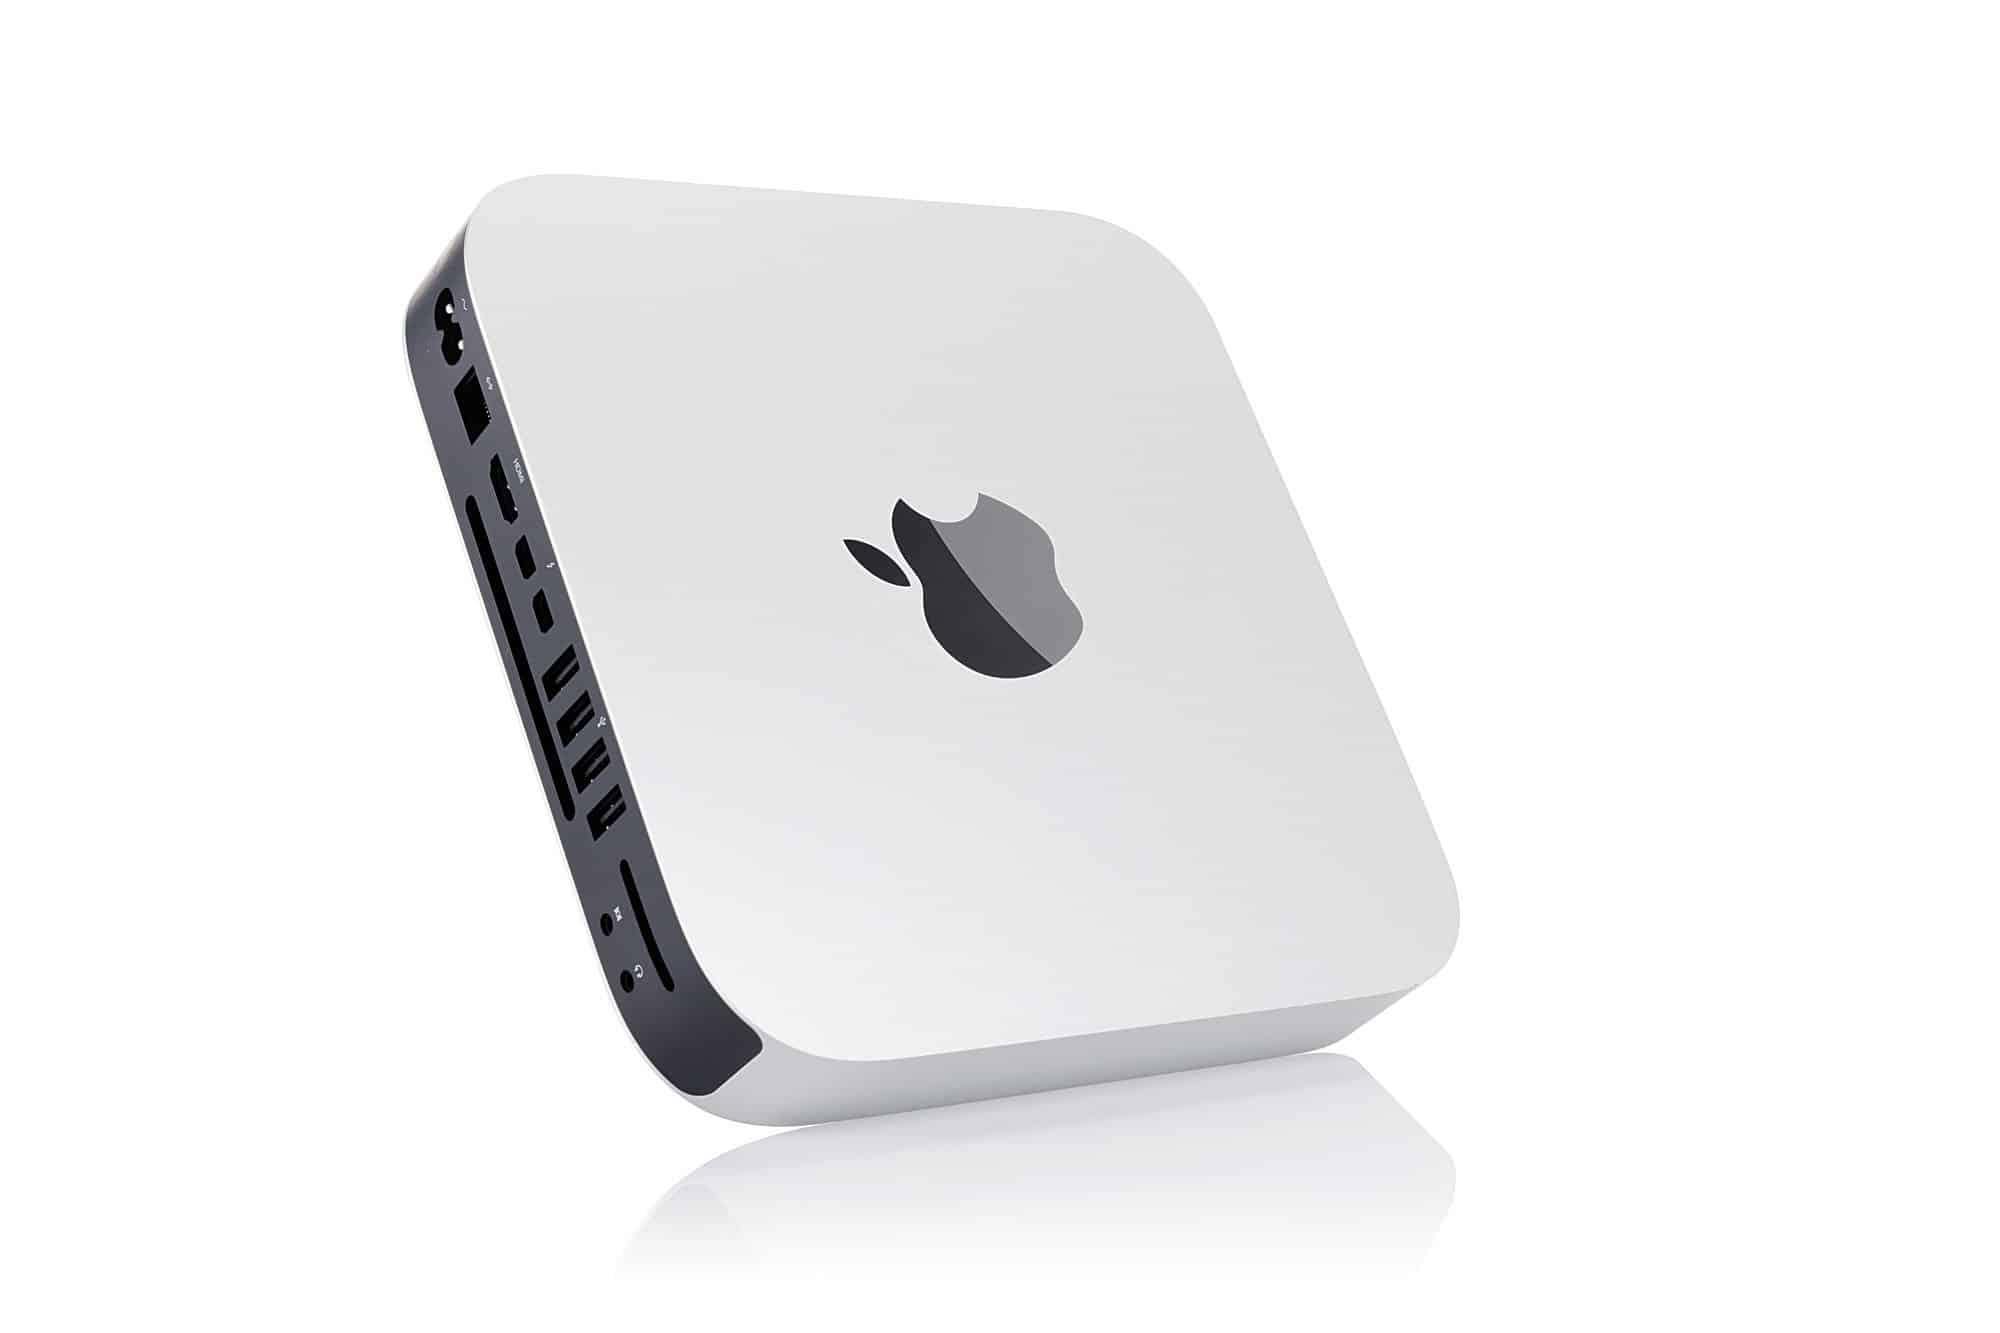 mac mini 1 - Čo chystá Apple na september – lacný MacBook, väčší iPhone a ďalšie novinky